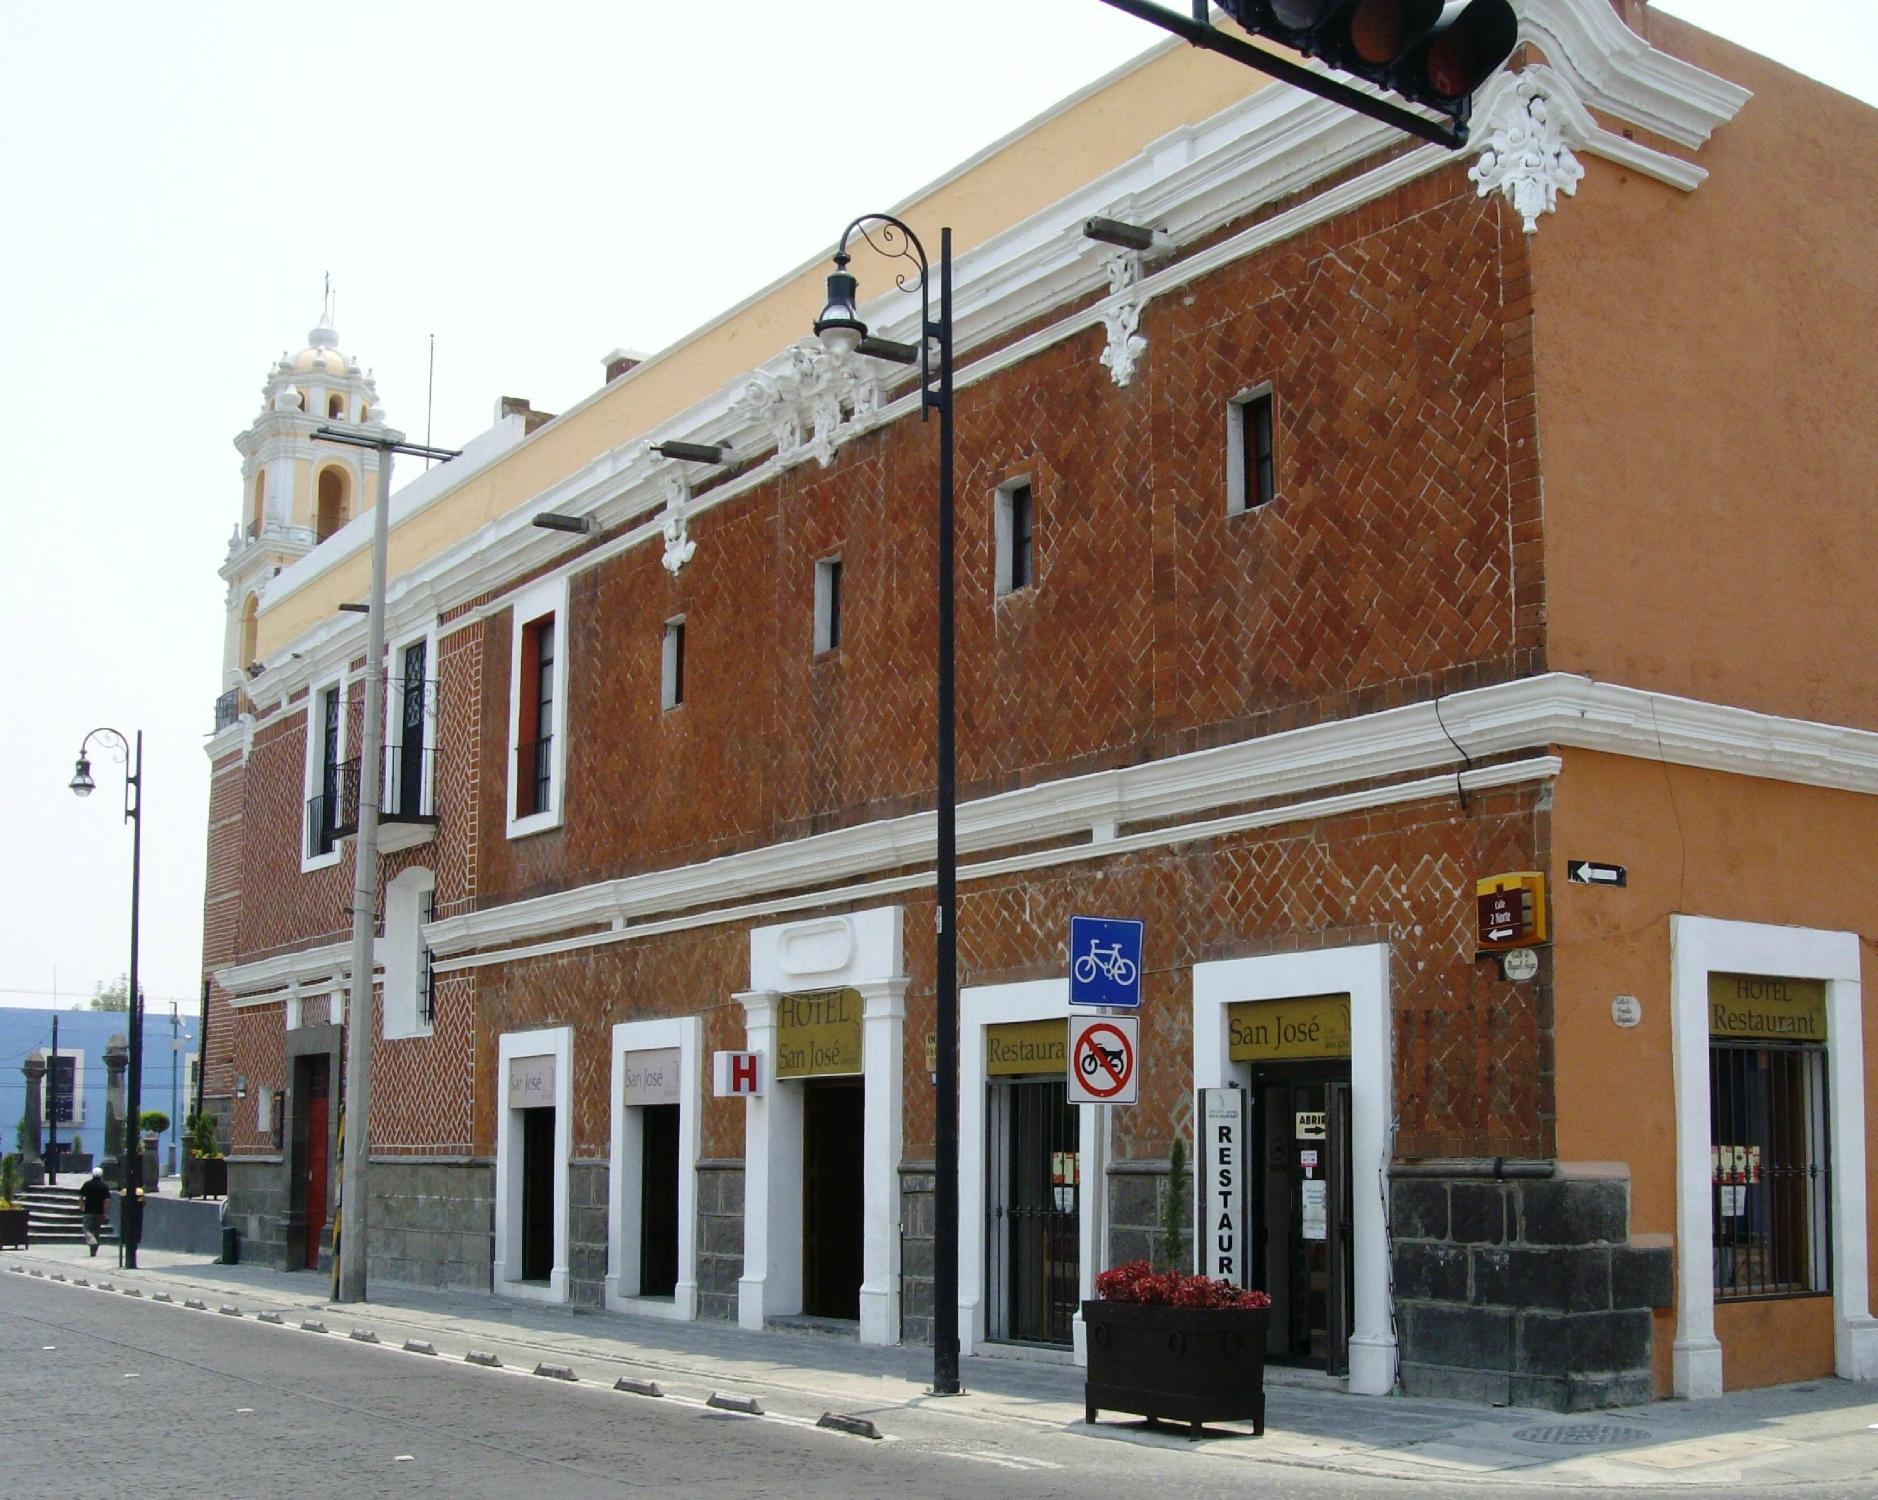 ホテル カサ デ オラシオン サン ホセ